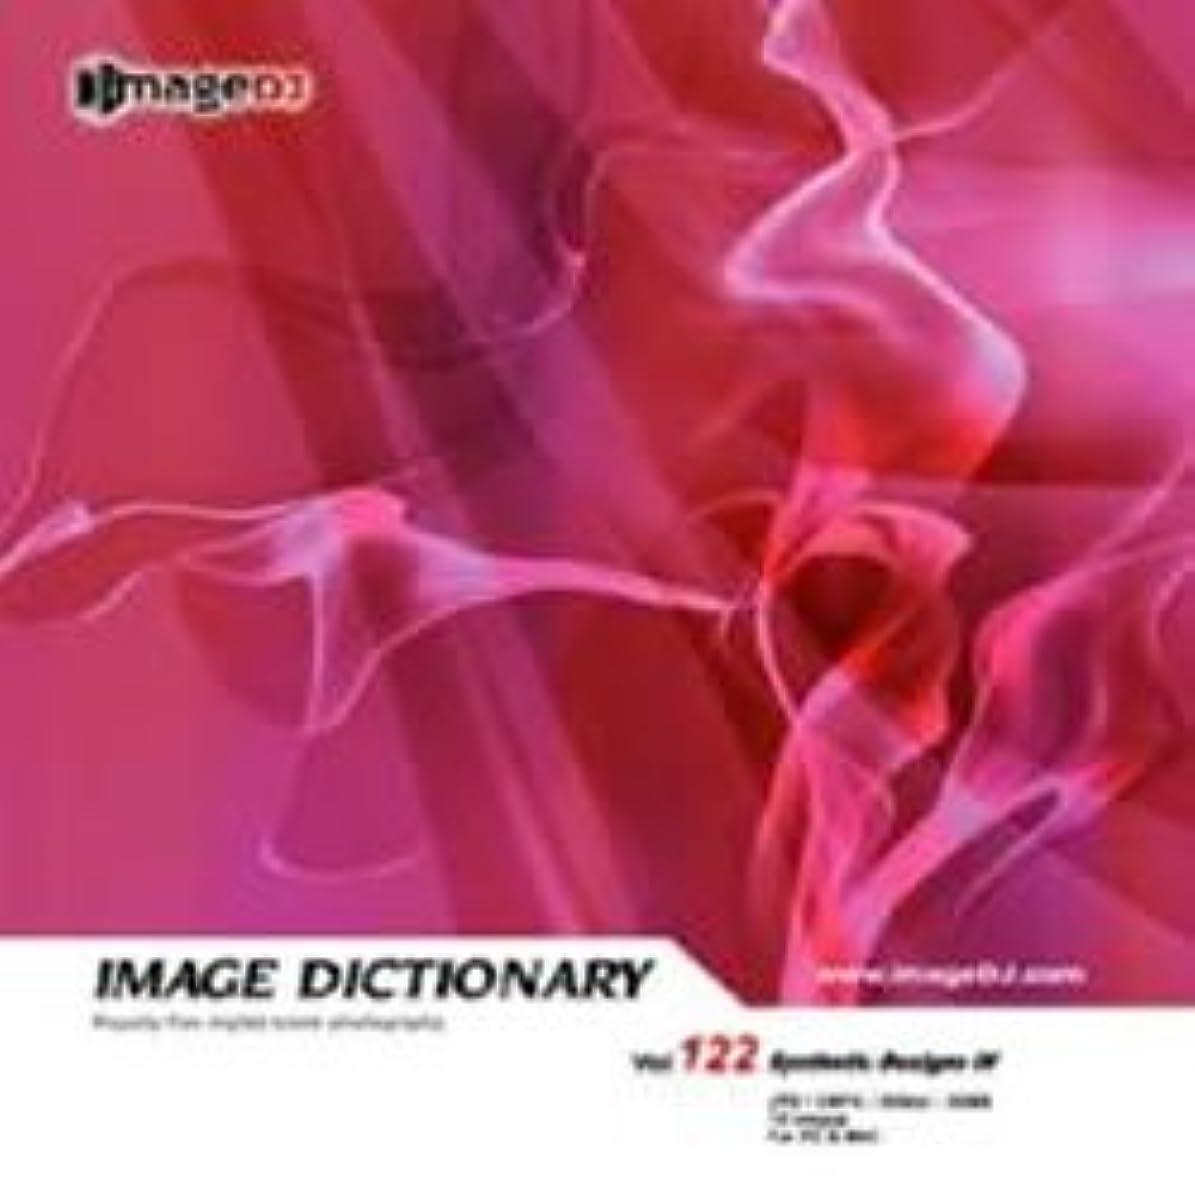 ポンプ薬理学電圧イメージ ディクショナリー Vol.122 合成図案(3)